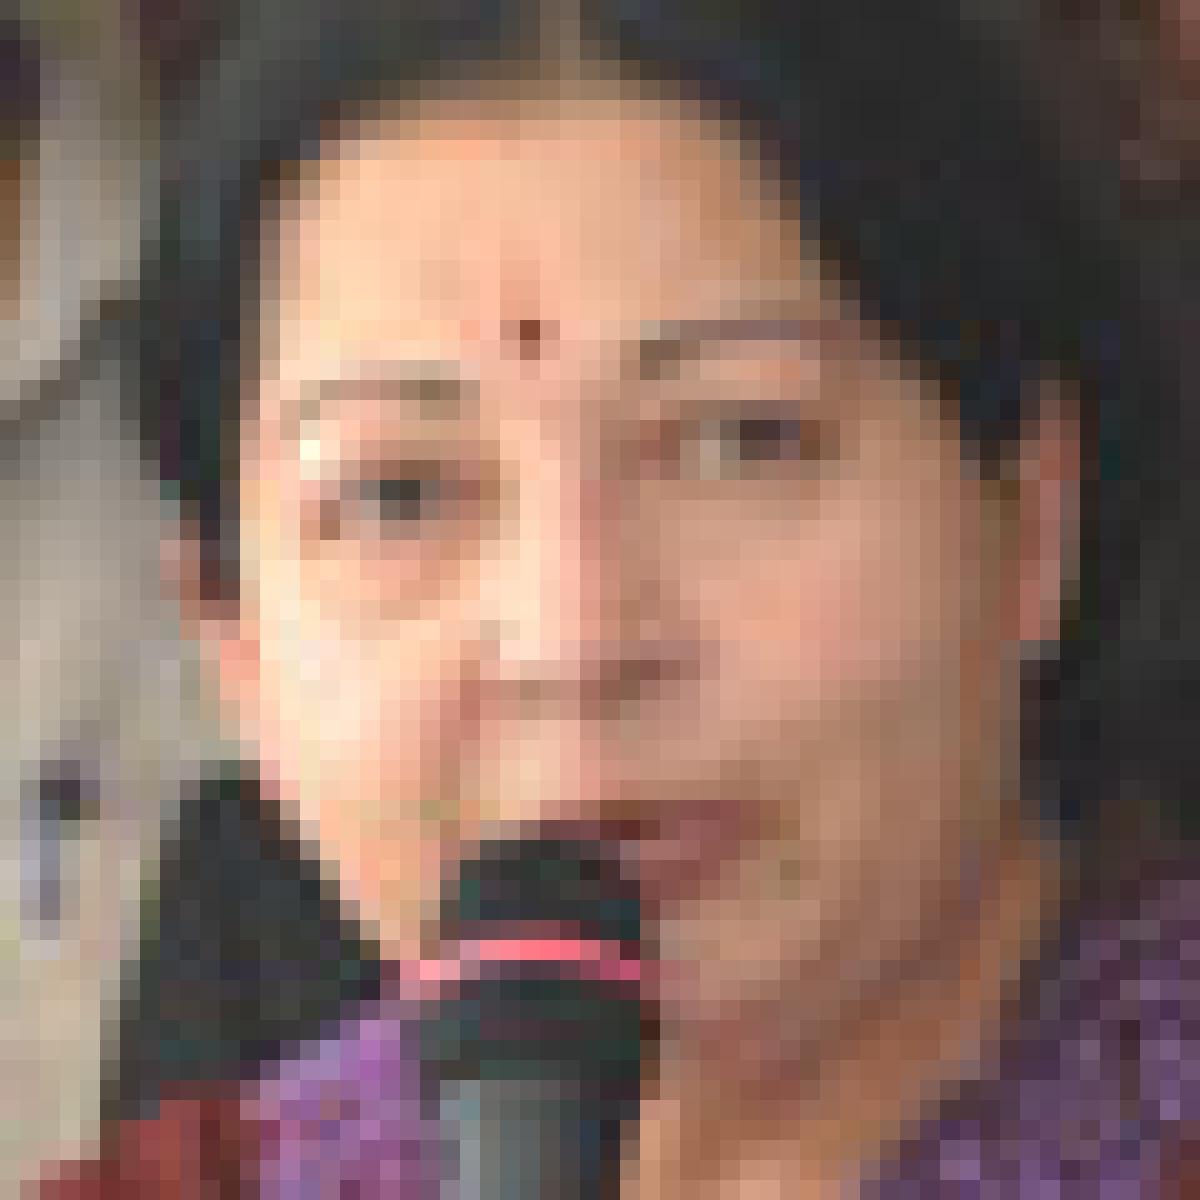 காப்பீட்டுத்துறையில் அந்நிய நேரடி முதலீடு: ஜெயலலிதா கடும் எதிர்ப்பு